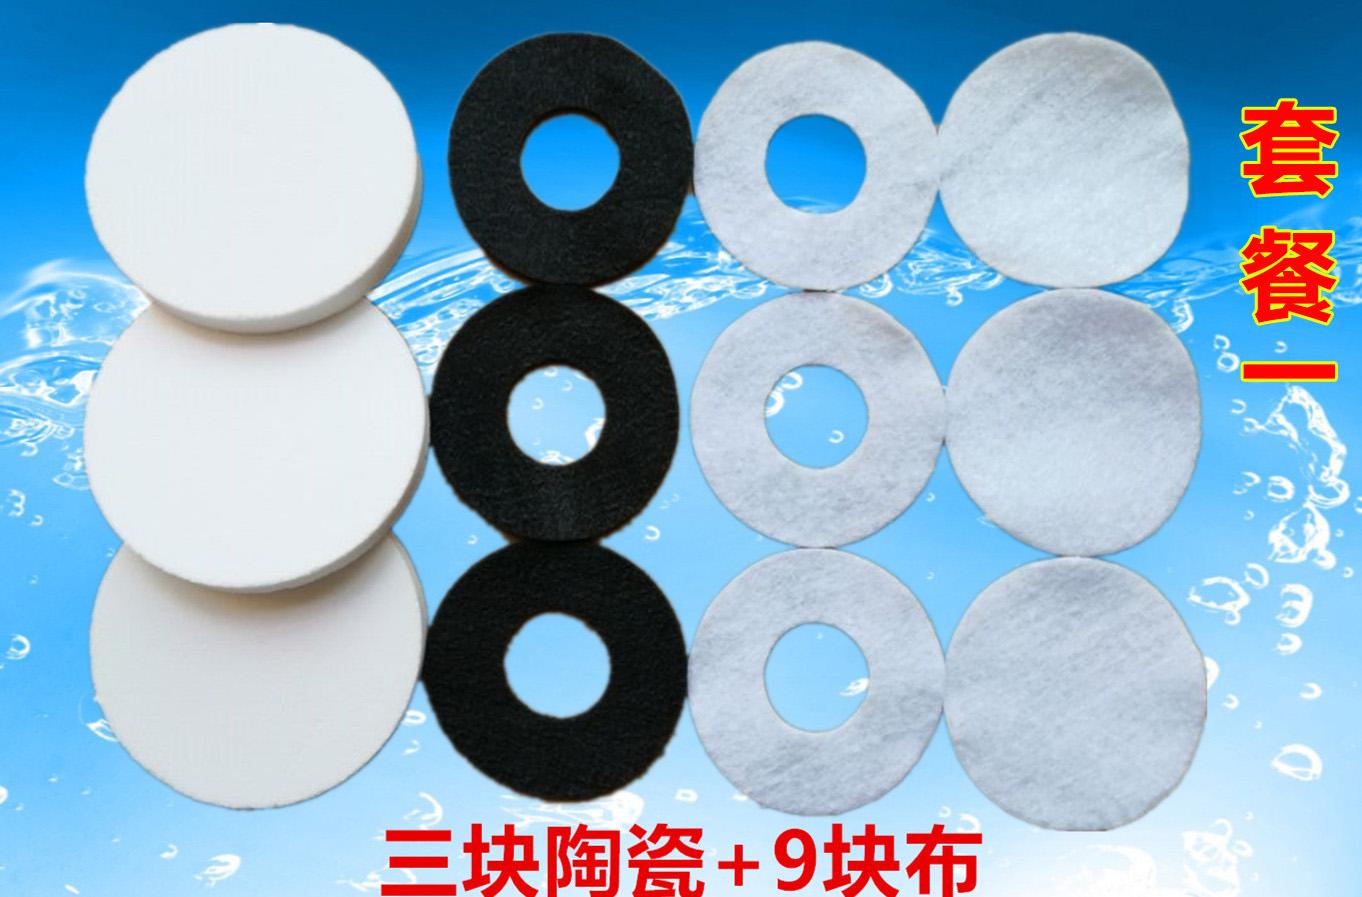 Filtro de carbono activado el núcleo QY5-1 piezas de cerámica HA698-2 A7KH neto 1HA filtro purificador de agua